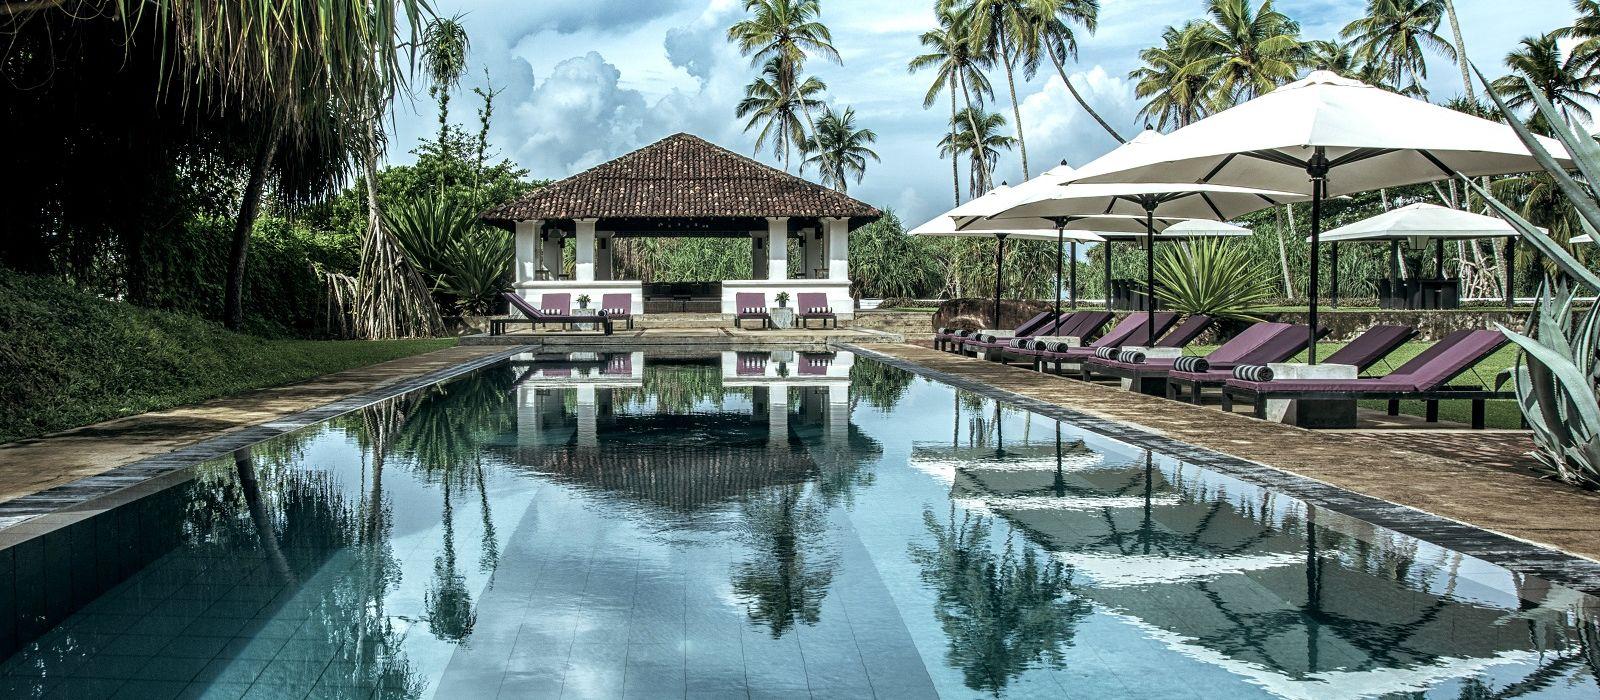 Hotel Paradise Road The Villa Sri Lanka